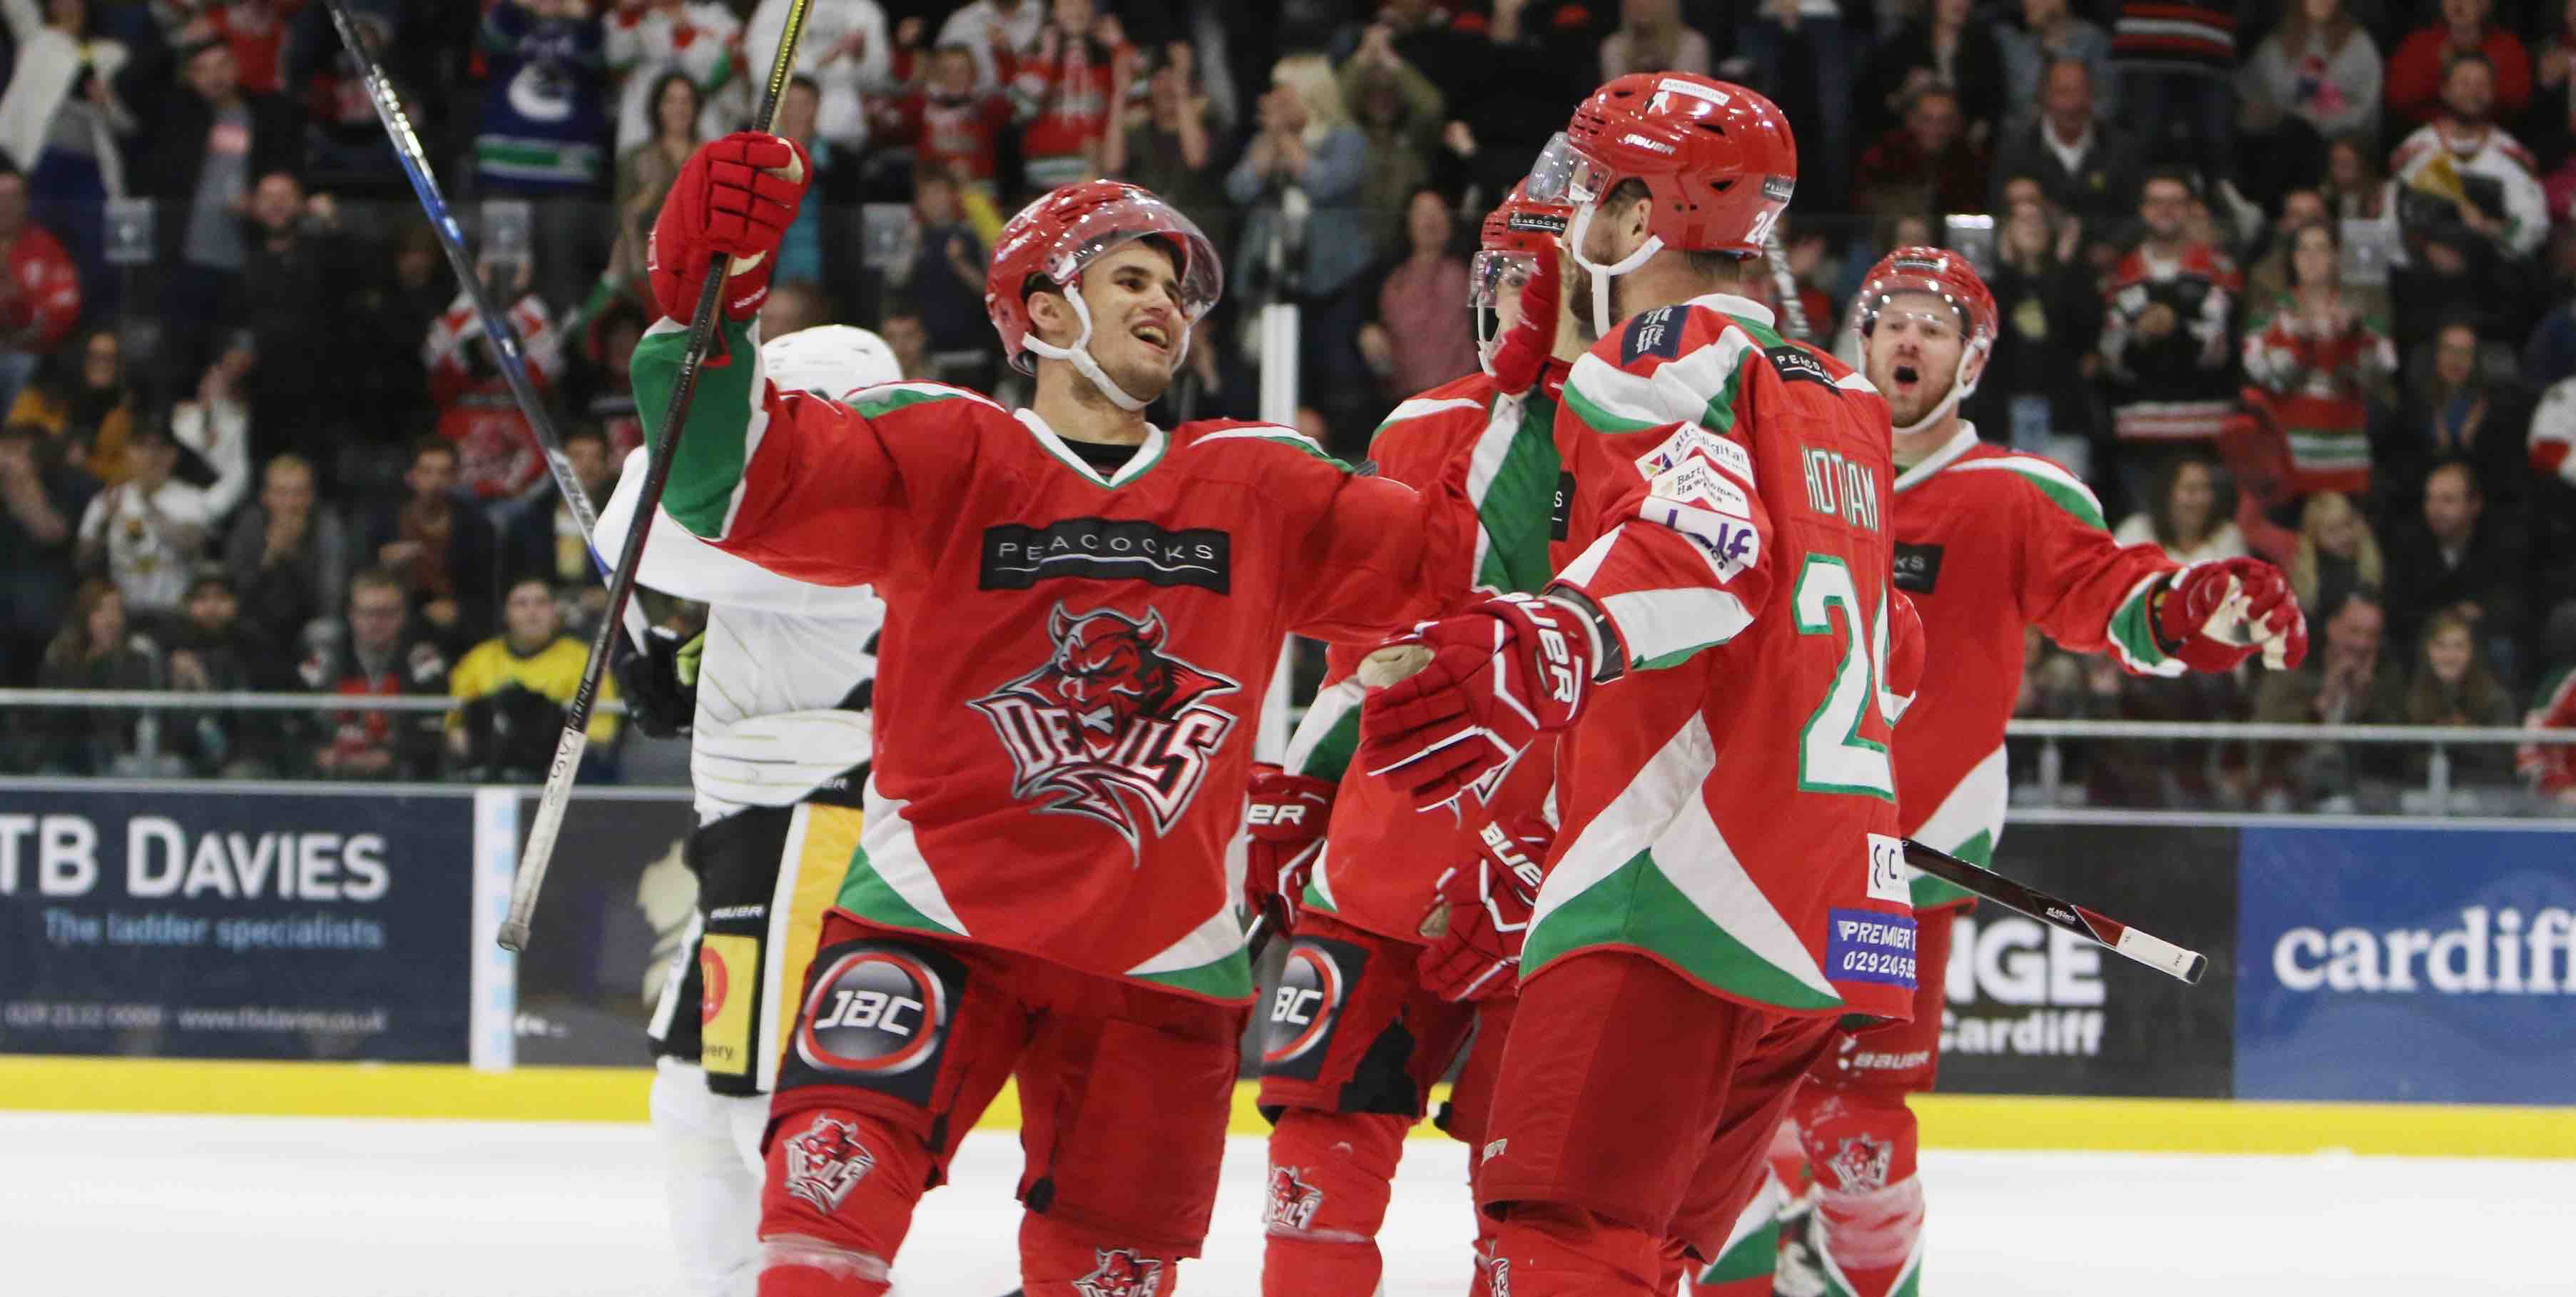 Bryce Reddick celebrates scoring for Cardiff Devils against Nottingham